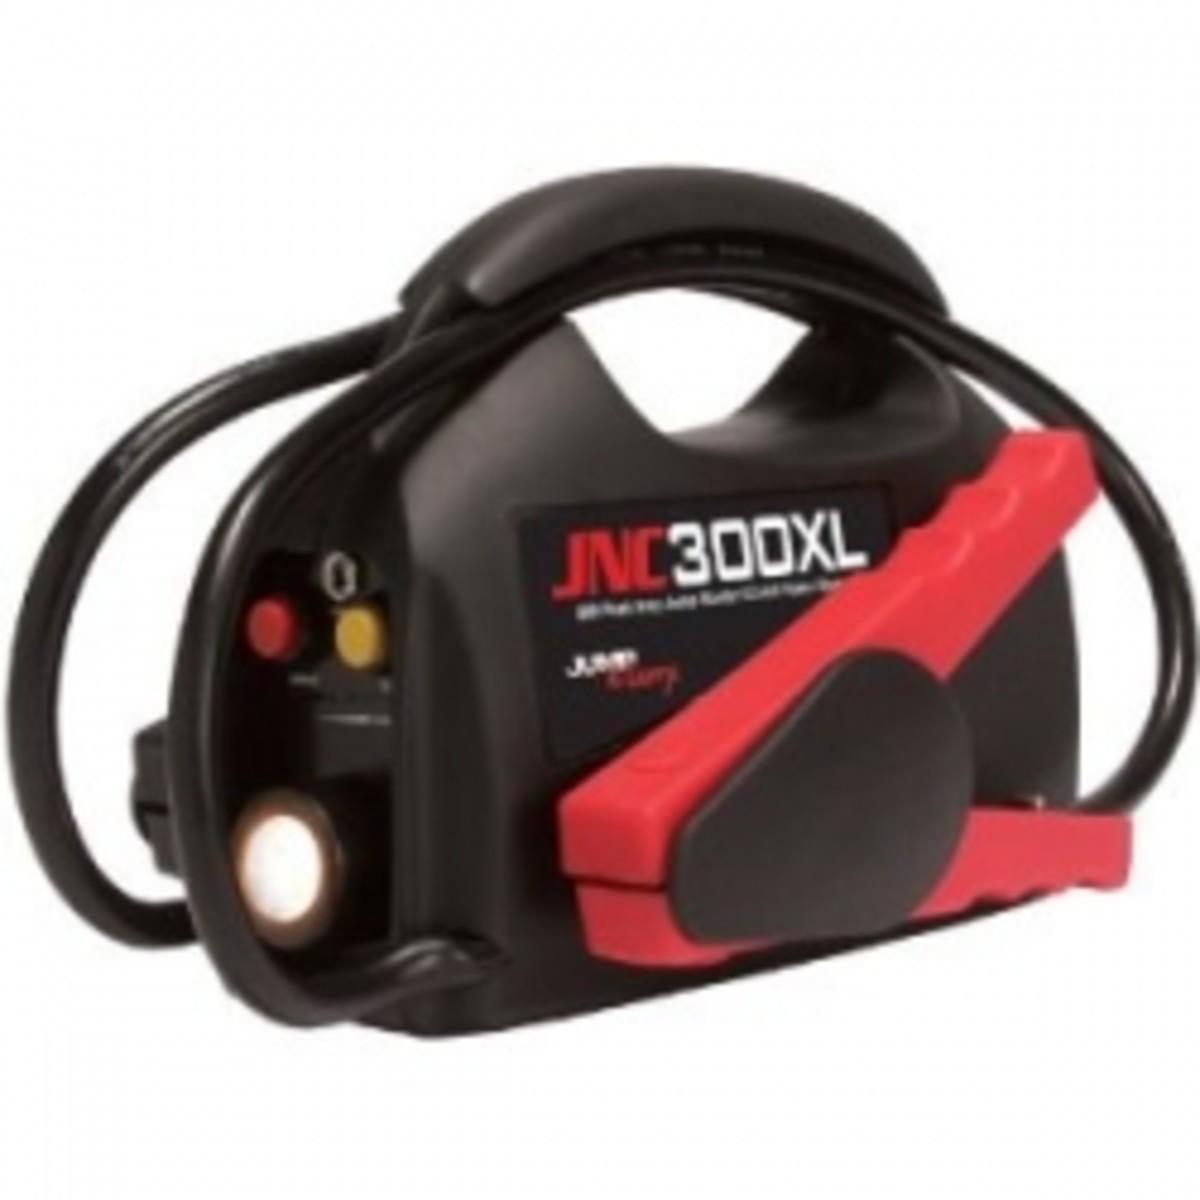 JNCJumper starter 300XL portable jump starter pack|